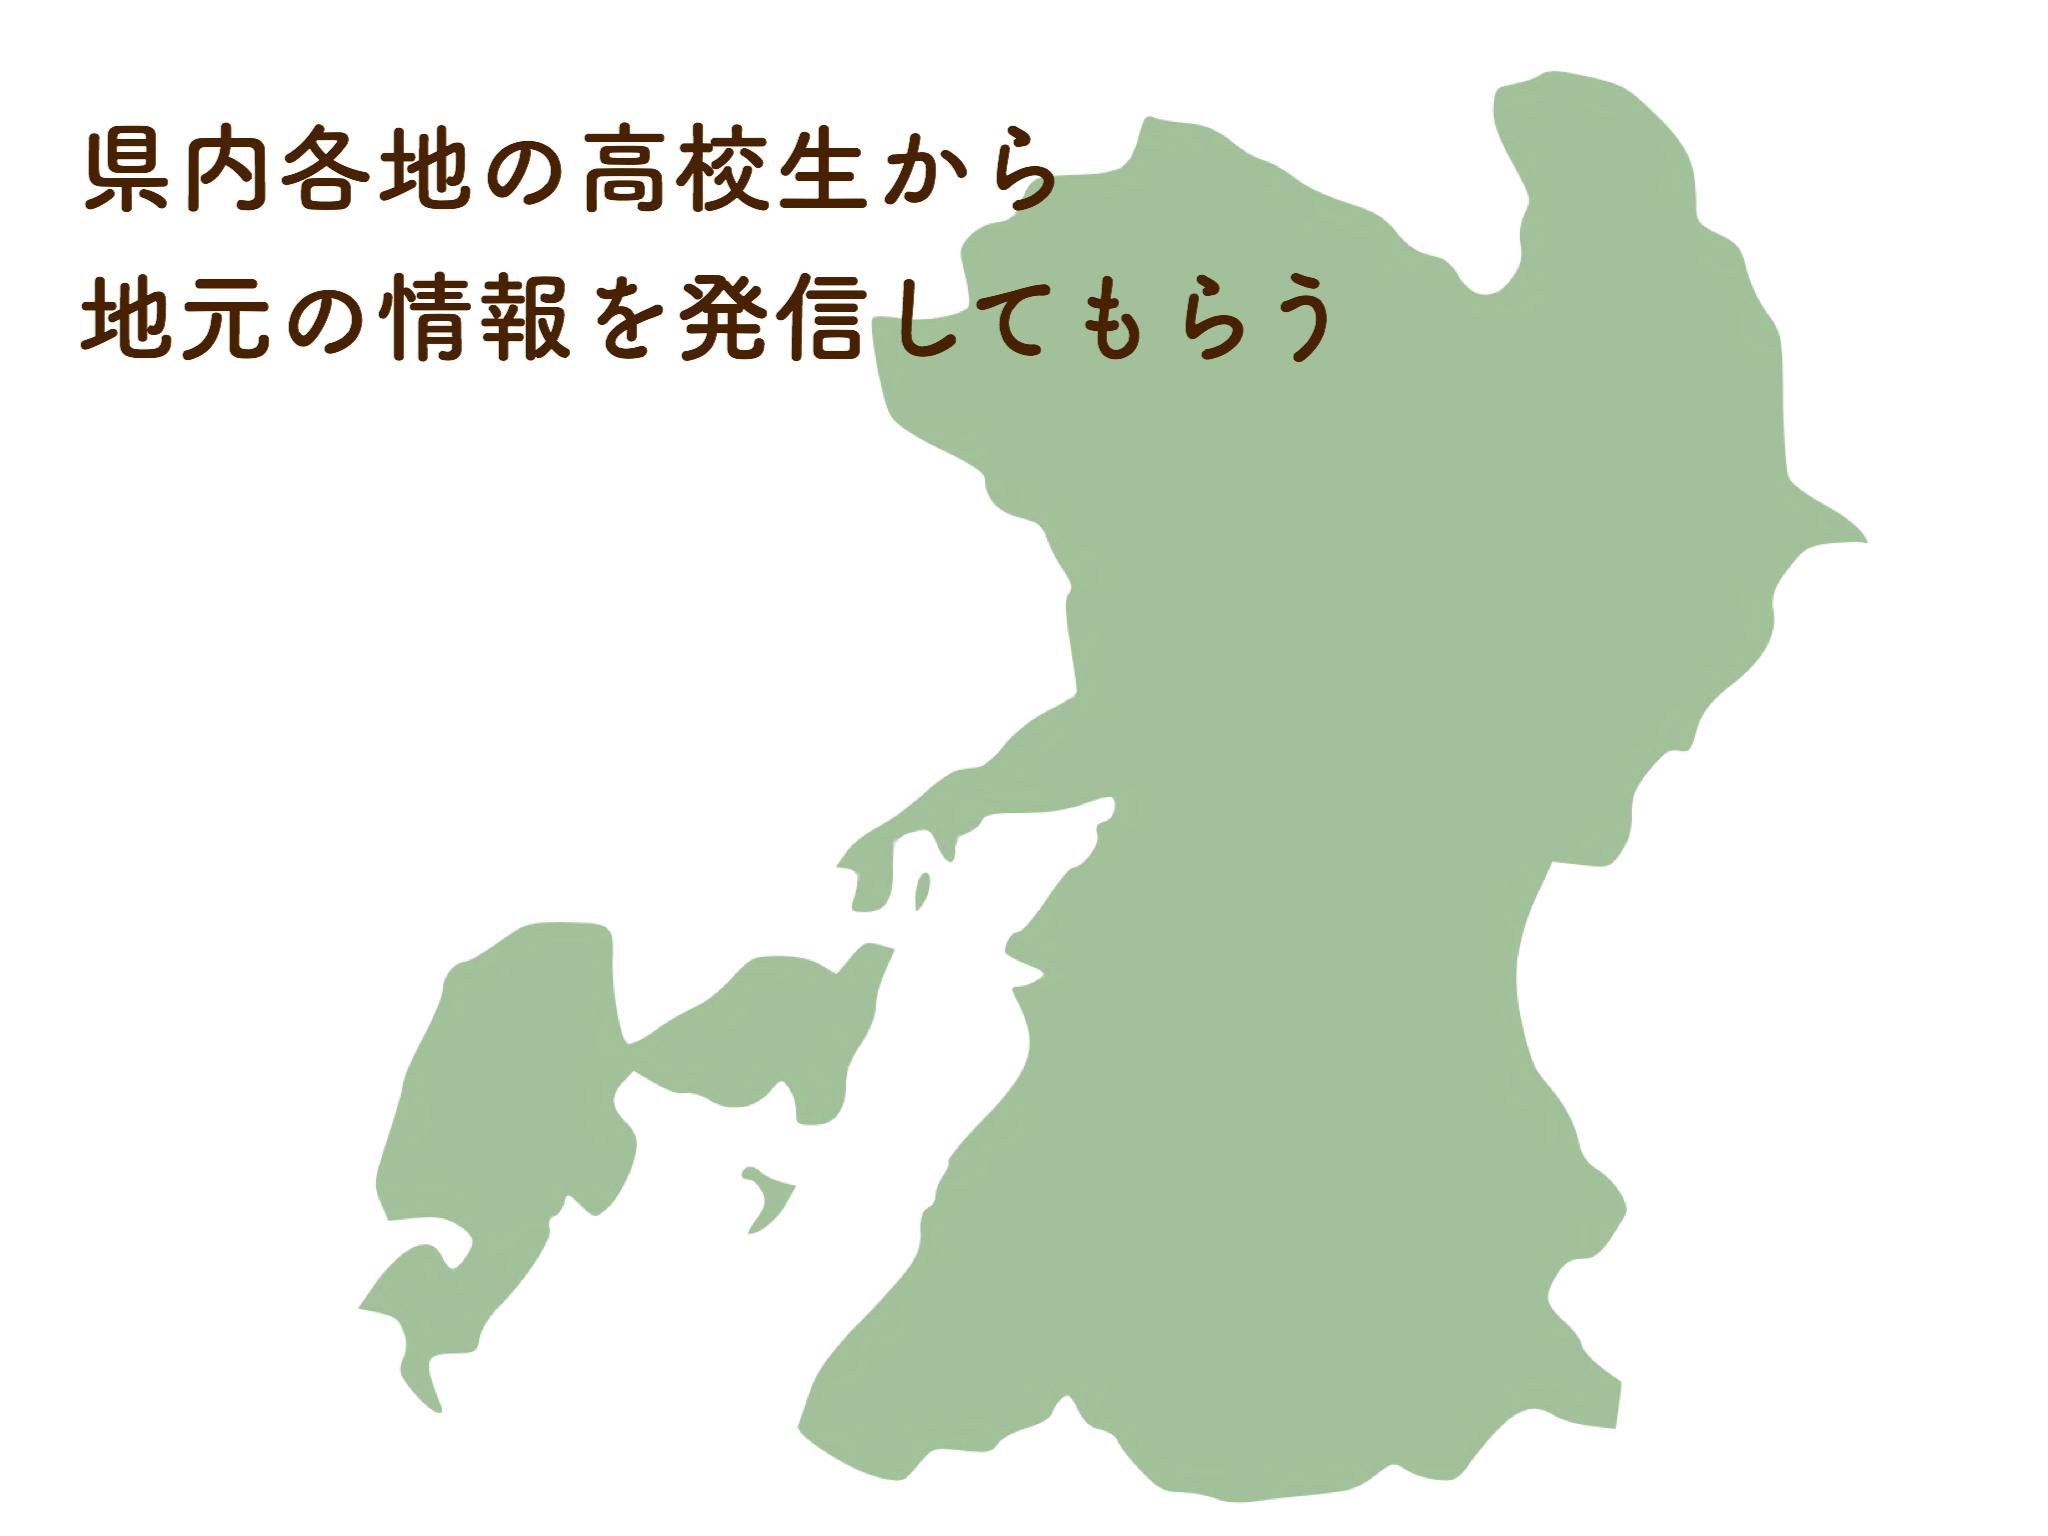 高校生が書く地元情報を発信!